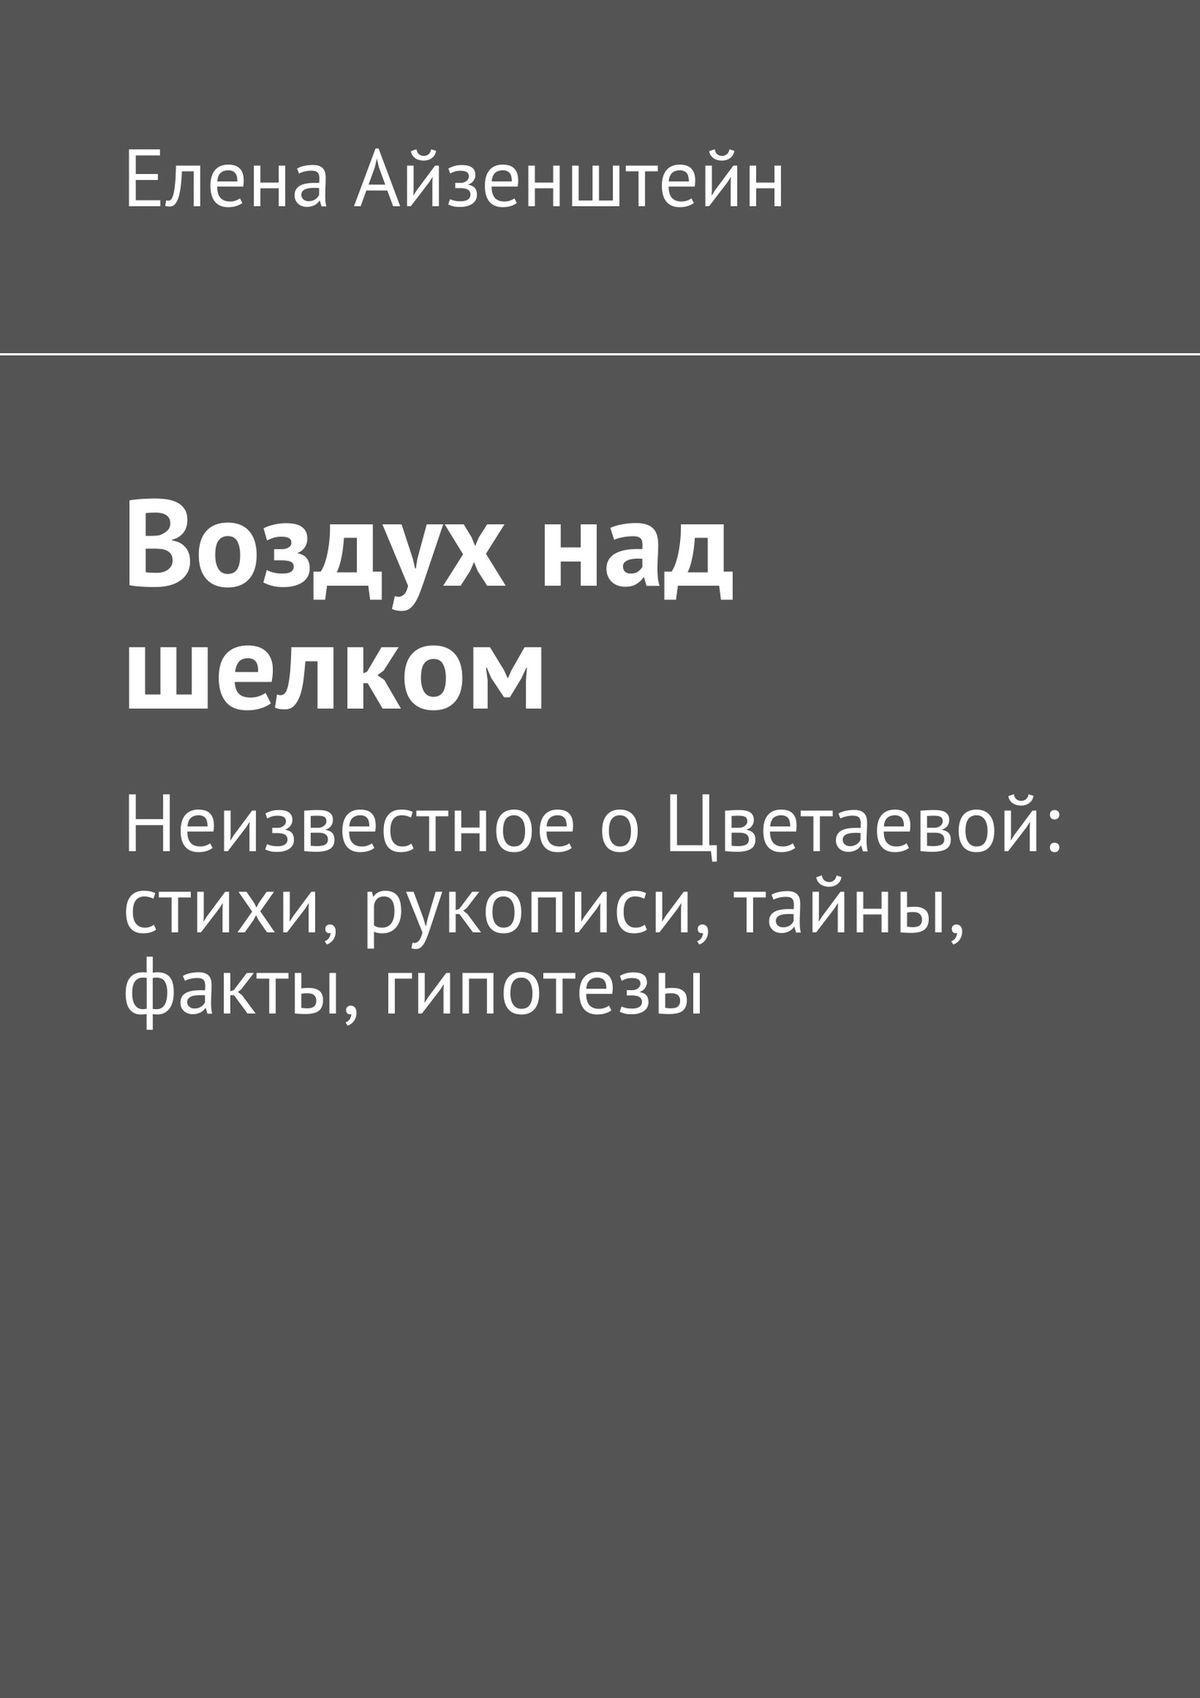 Воздух над шелком. Неизвестное о Цветаевой: стихи, рукописи, тайны, факты, гипотезы